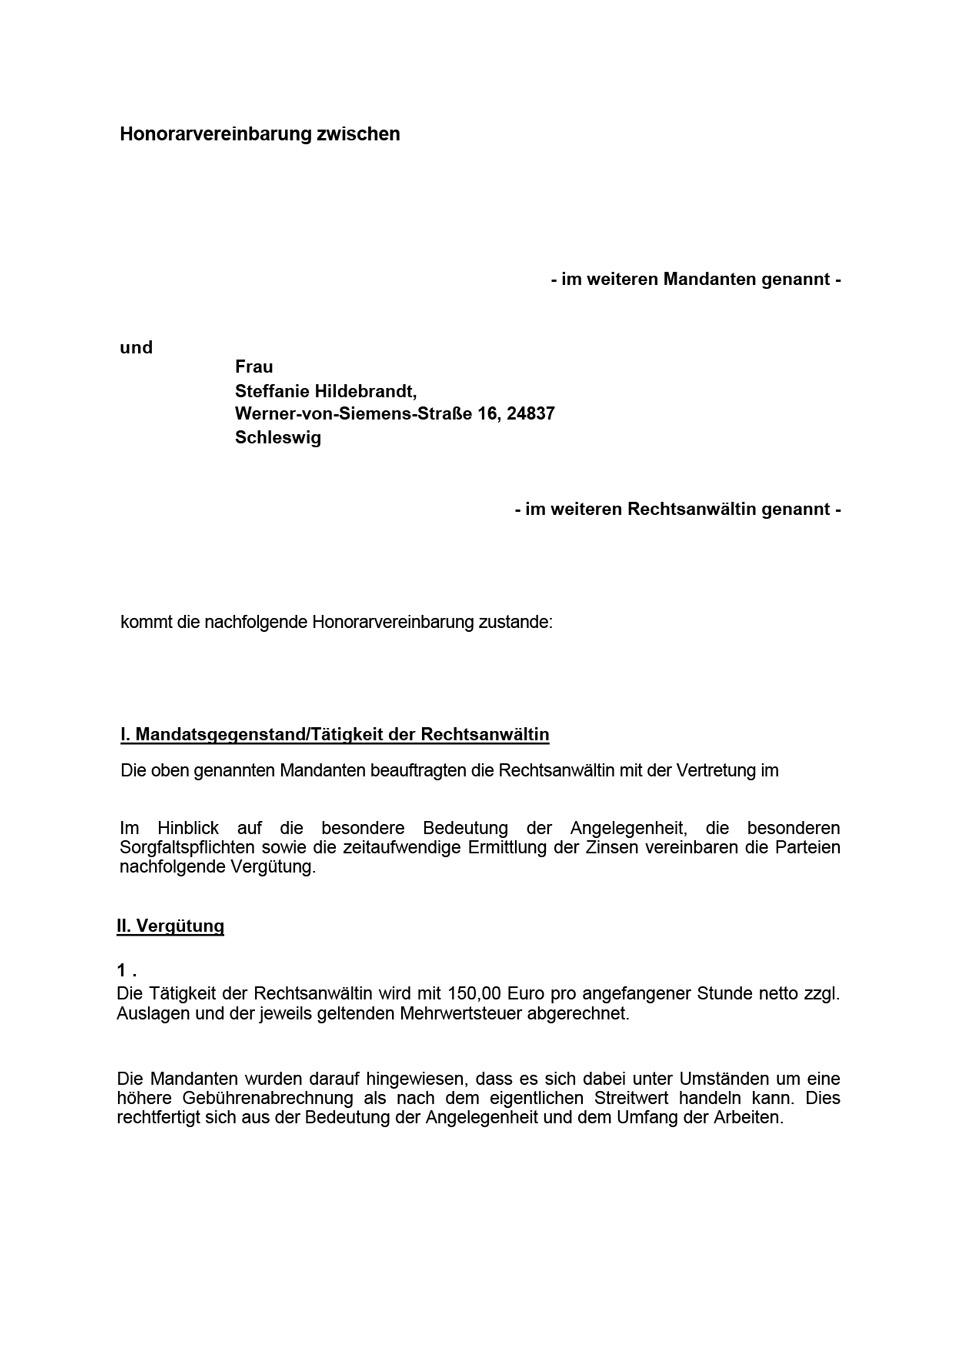 Honorarvereinbarung Steffanie Hildebrandt Rechtsanwaeltin